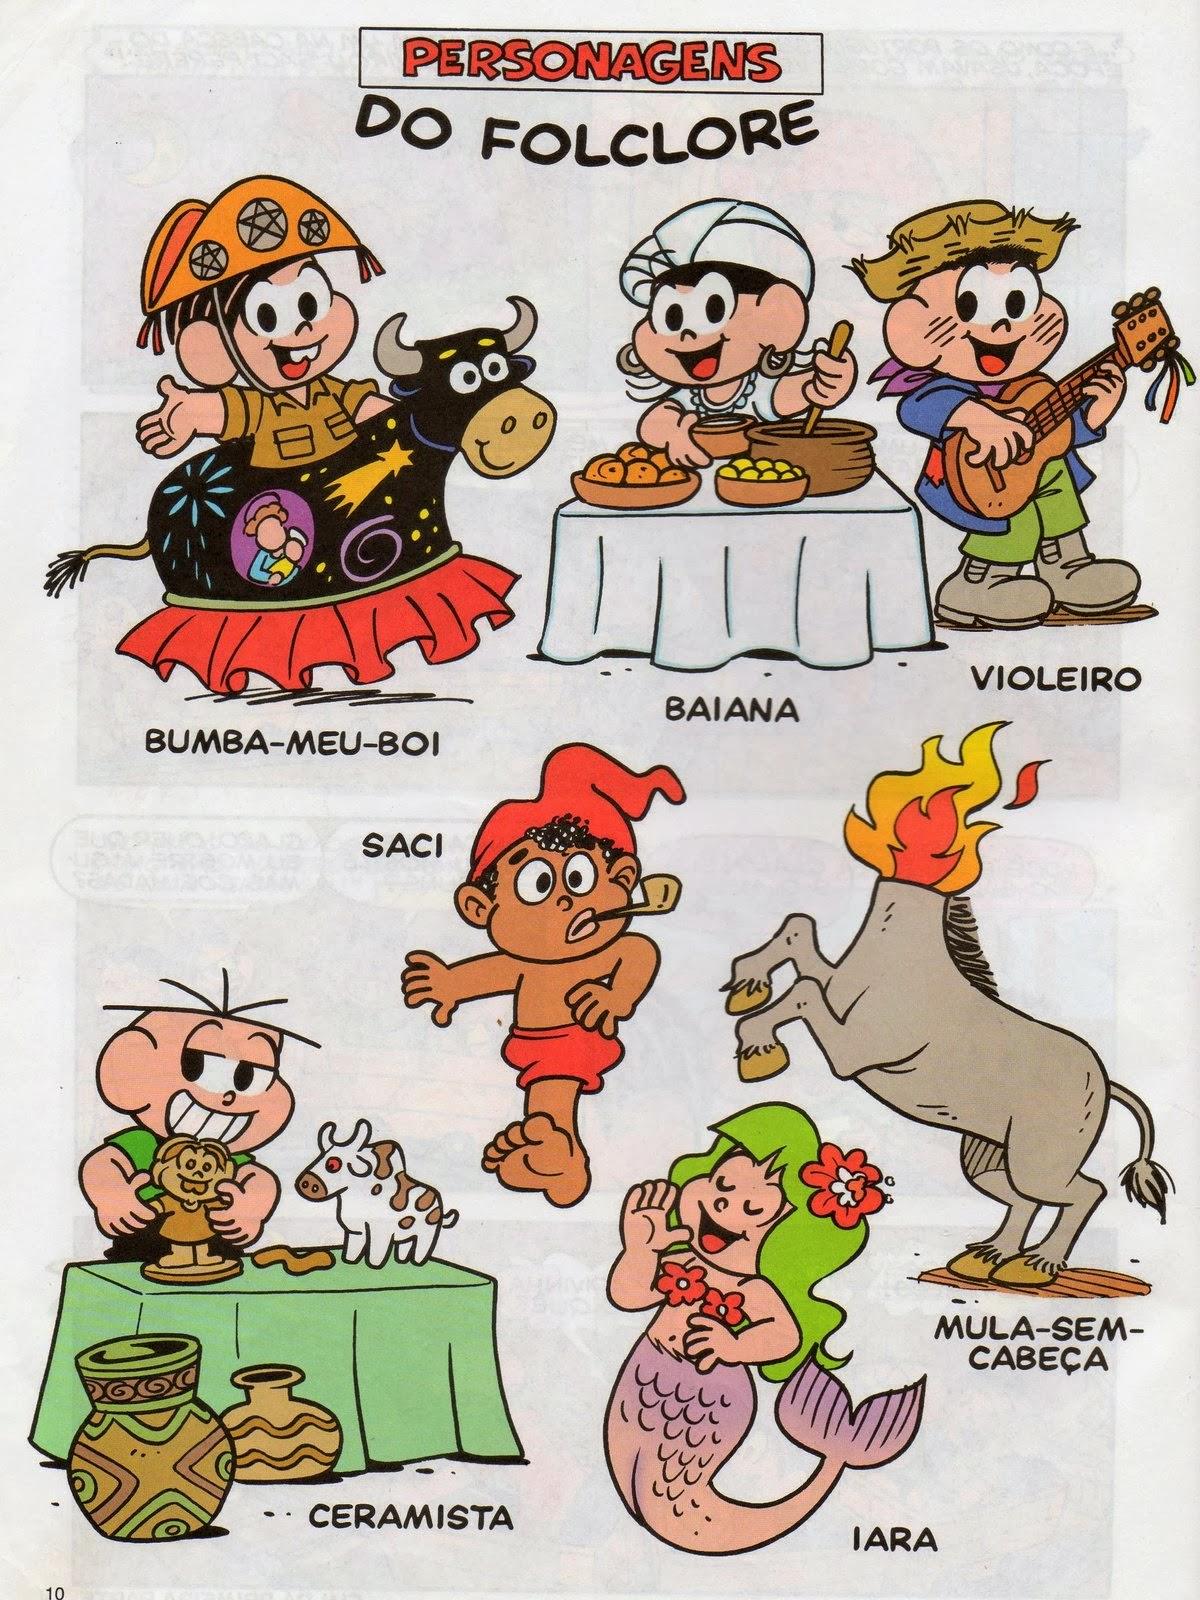 Personagens do Folclore - Turma da Mônica